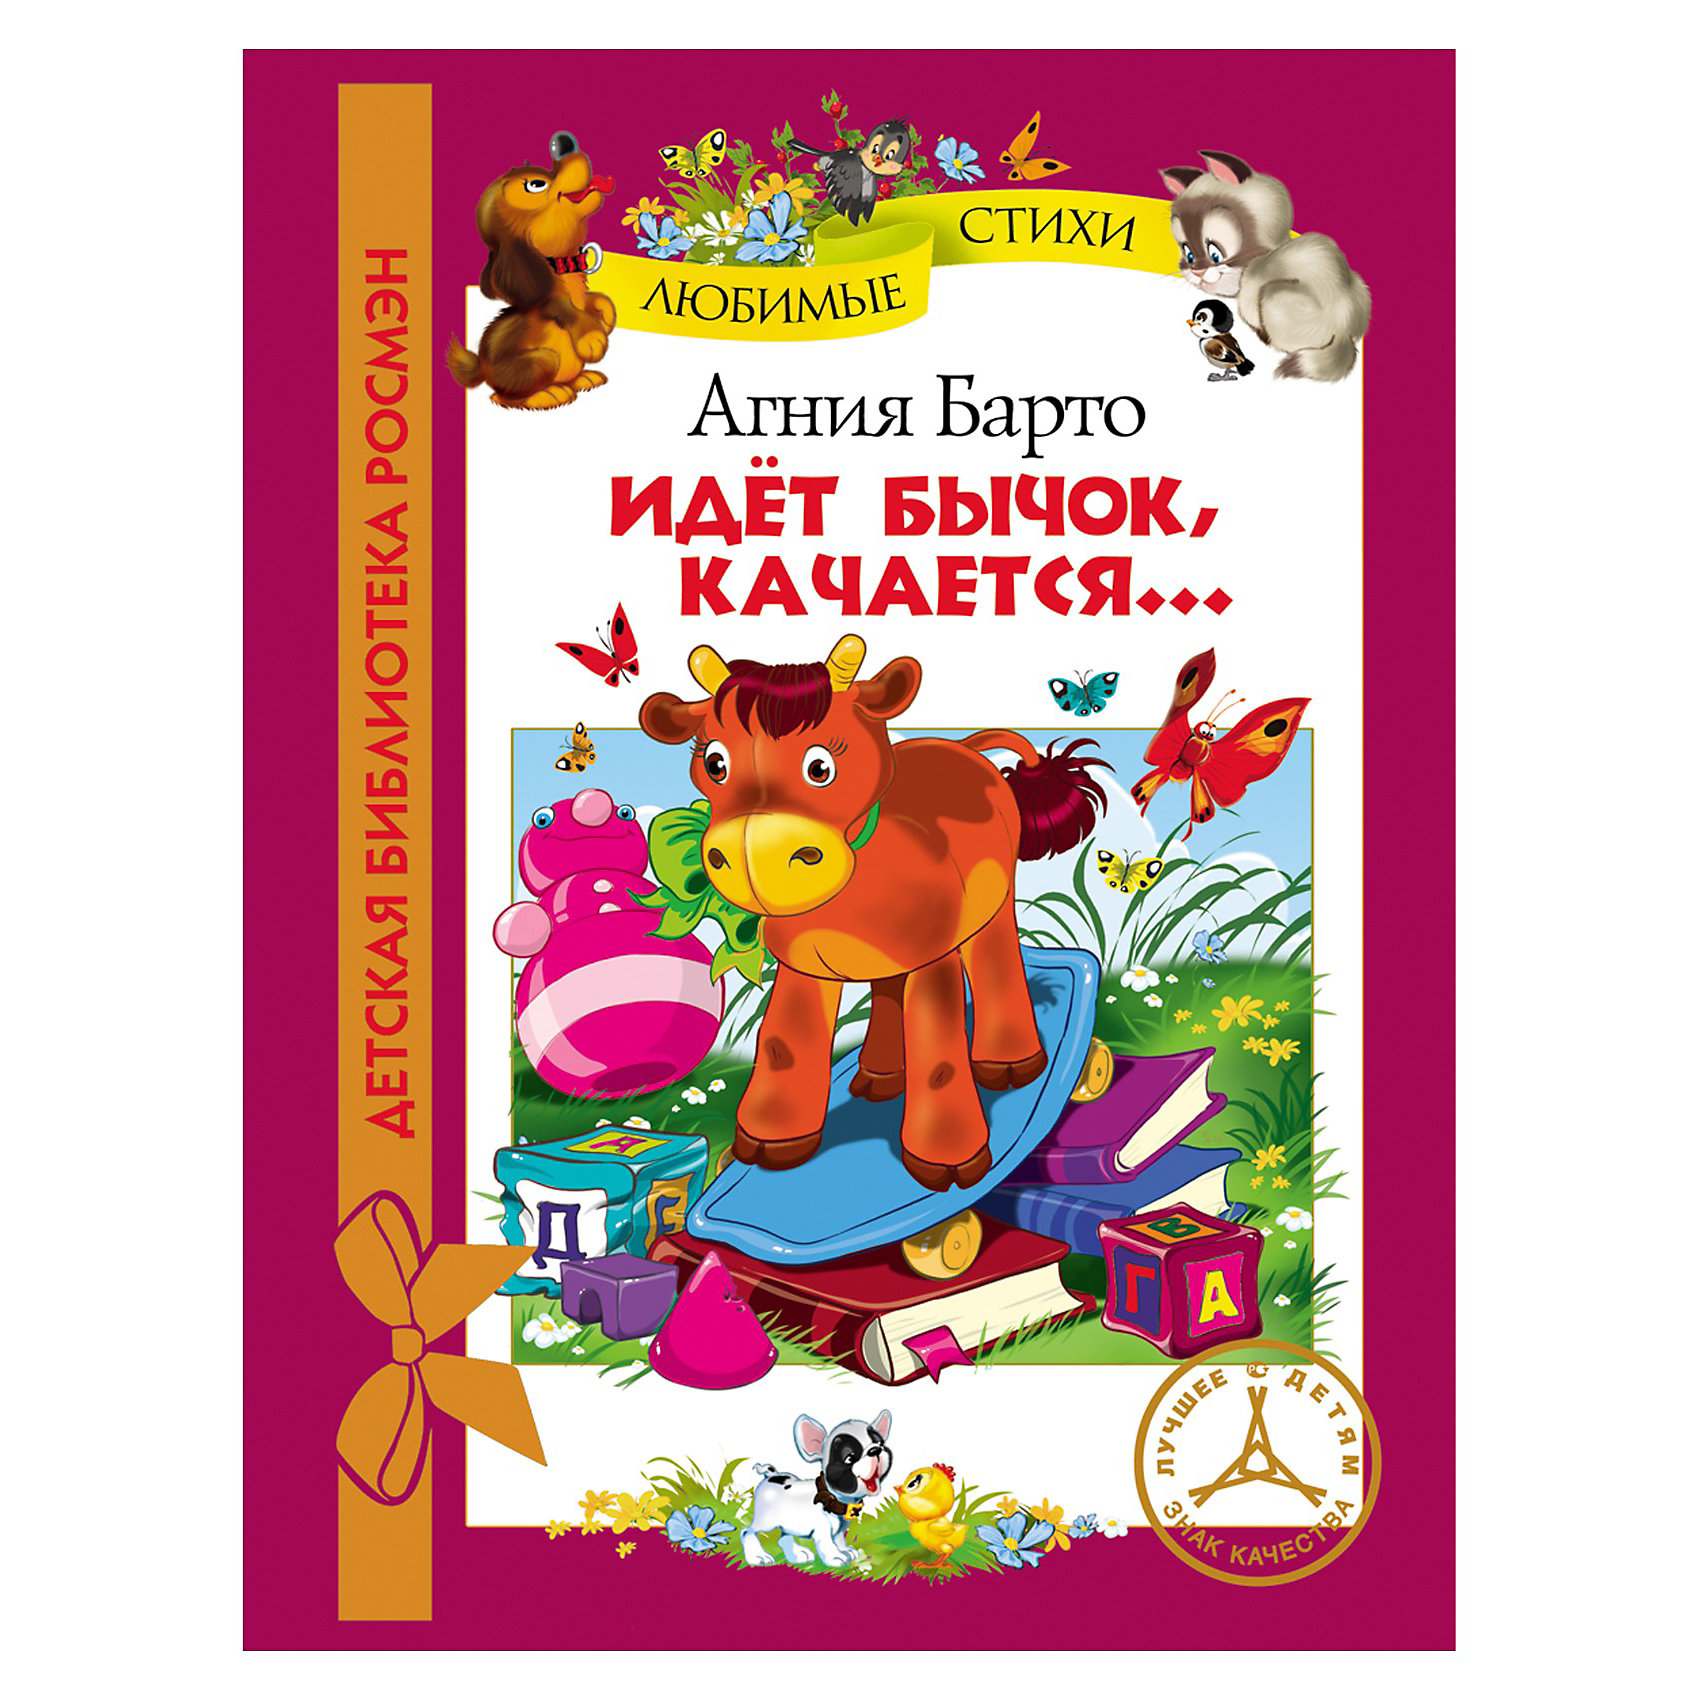 Идет бычок качается, А. БартоКниги для девочек<br>В сборник «Идет бычок качается» вошли известные стихи А. Барто: Мишка, Слон, Идет бычок качается..., Самолет, Мячик, Я выросла и многие другие.<br><br>Книга удобного формата с большим количеством цветных иллюстраций непременно понравится  Вашему малышу!<br><br>Дополнительная информация:<br><br>- Серия: Детская библиотека<br>- Автор: А. Барто<br>- Иллюстрации: И. Есаулов.<br>- Переплет: твердый<br>- Формат: 162 х 215 мм<br>- Количество страниц: 64<br><br>Книгу «Барто А. Идет бычок качается. Росмэн» можно купить в нашем интернет-магазине.<br><br>Ширина мм: 220<br>Глубина мм: 7<br>Высота мм: 165<br>Вес г: 180<br>Возраст от месяцев: 36<br>Возраст до месяцев: 72<br>Пол: Унисекс<br>Возраст: Детский<br>SKU: 3509850